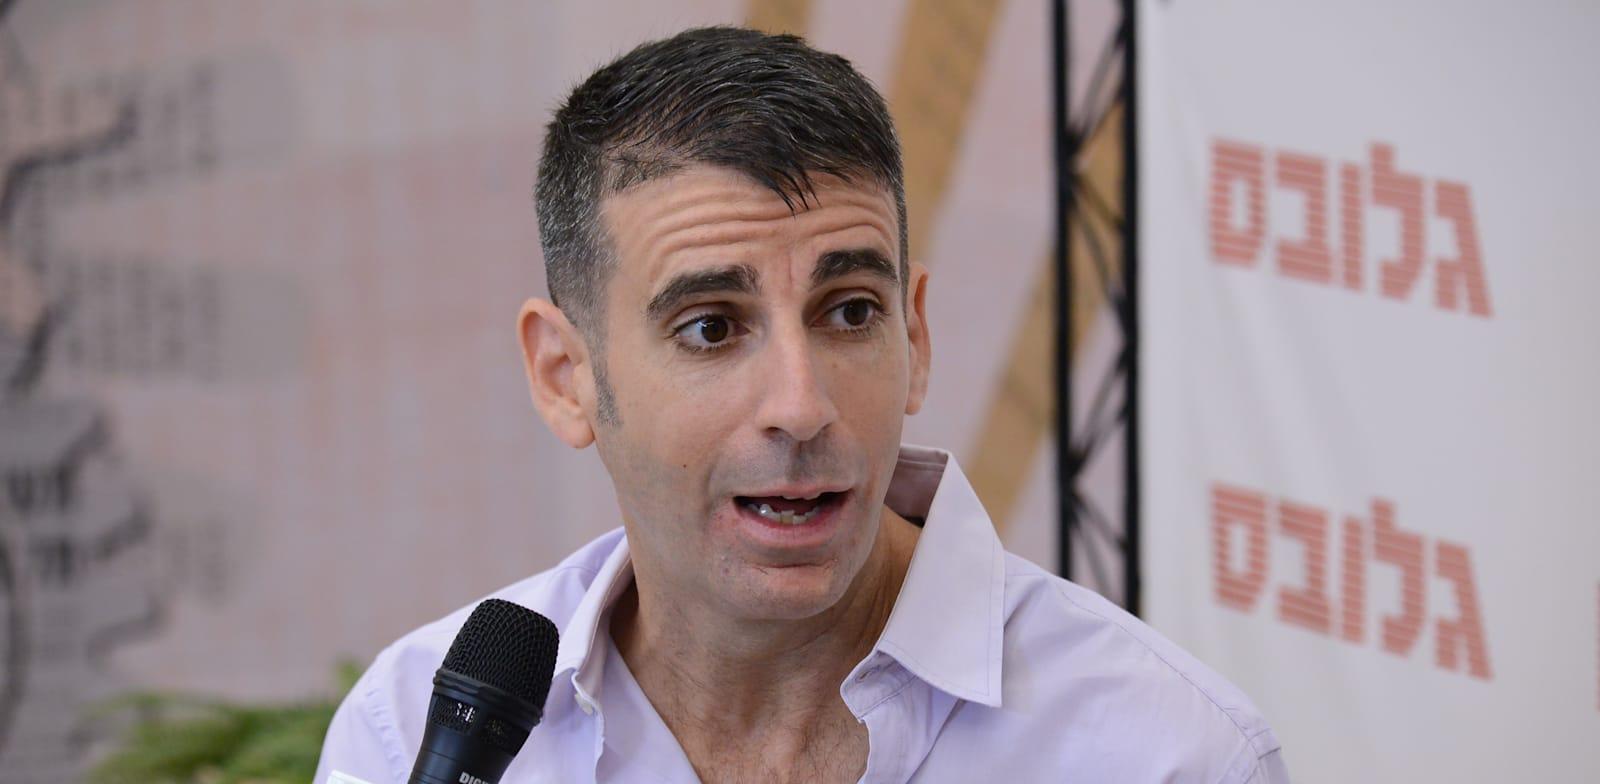 """אבנר חדד - מנכ""""ל ומייסד קסם קרנות ETF מבית אקסלנס / צילום: איל יצהר"""